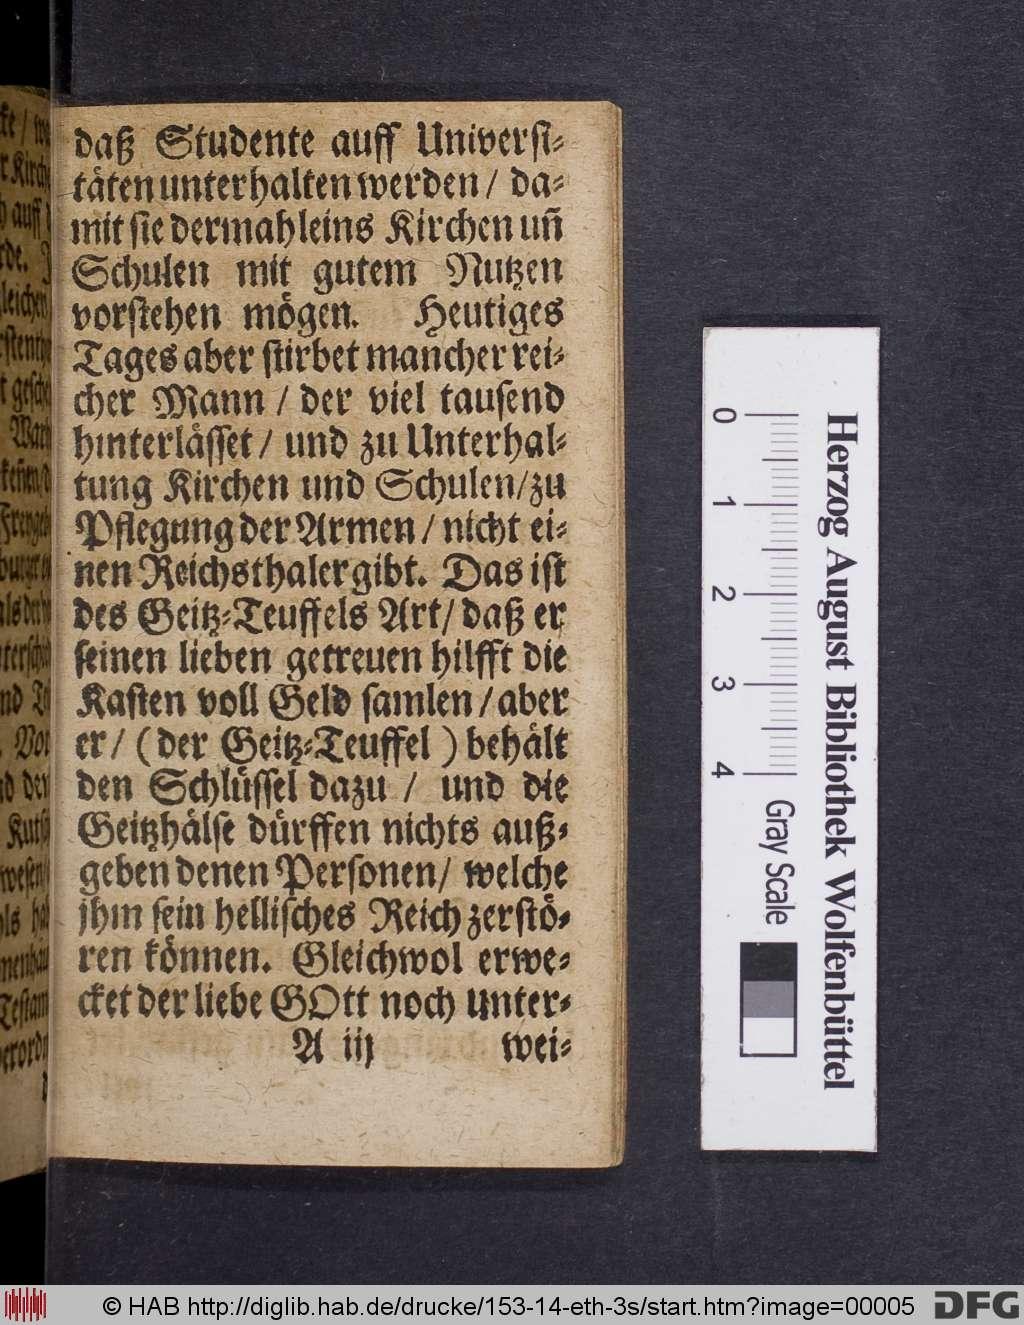 http://diglib.hab.de/drucke/153-14-eth-3s/00005.jpg